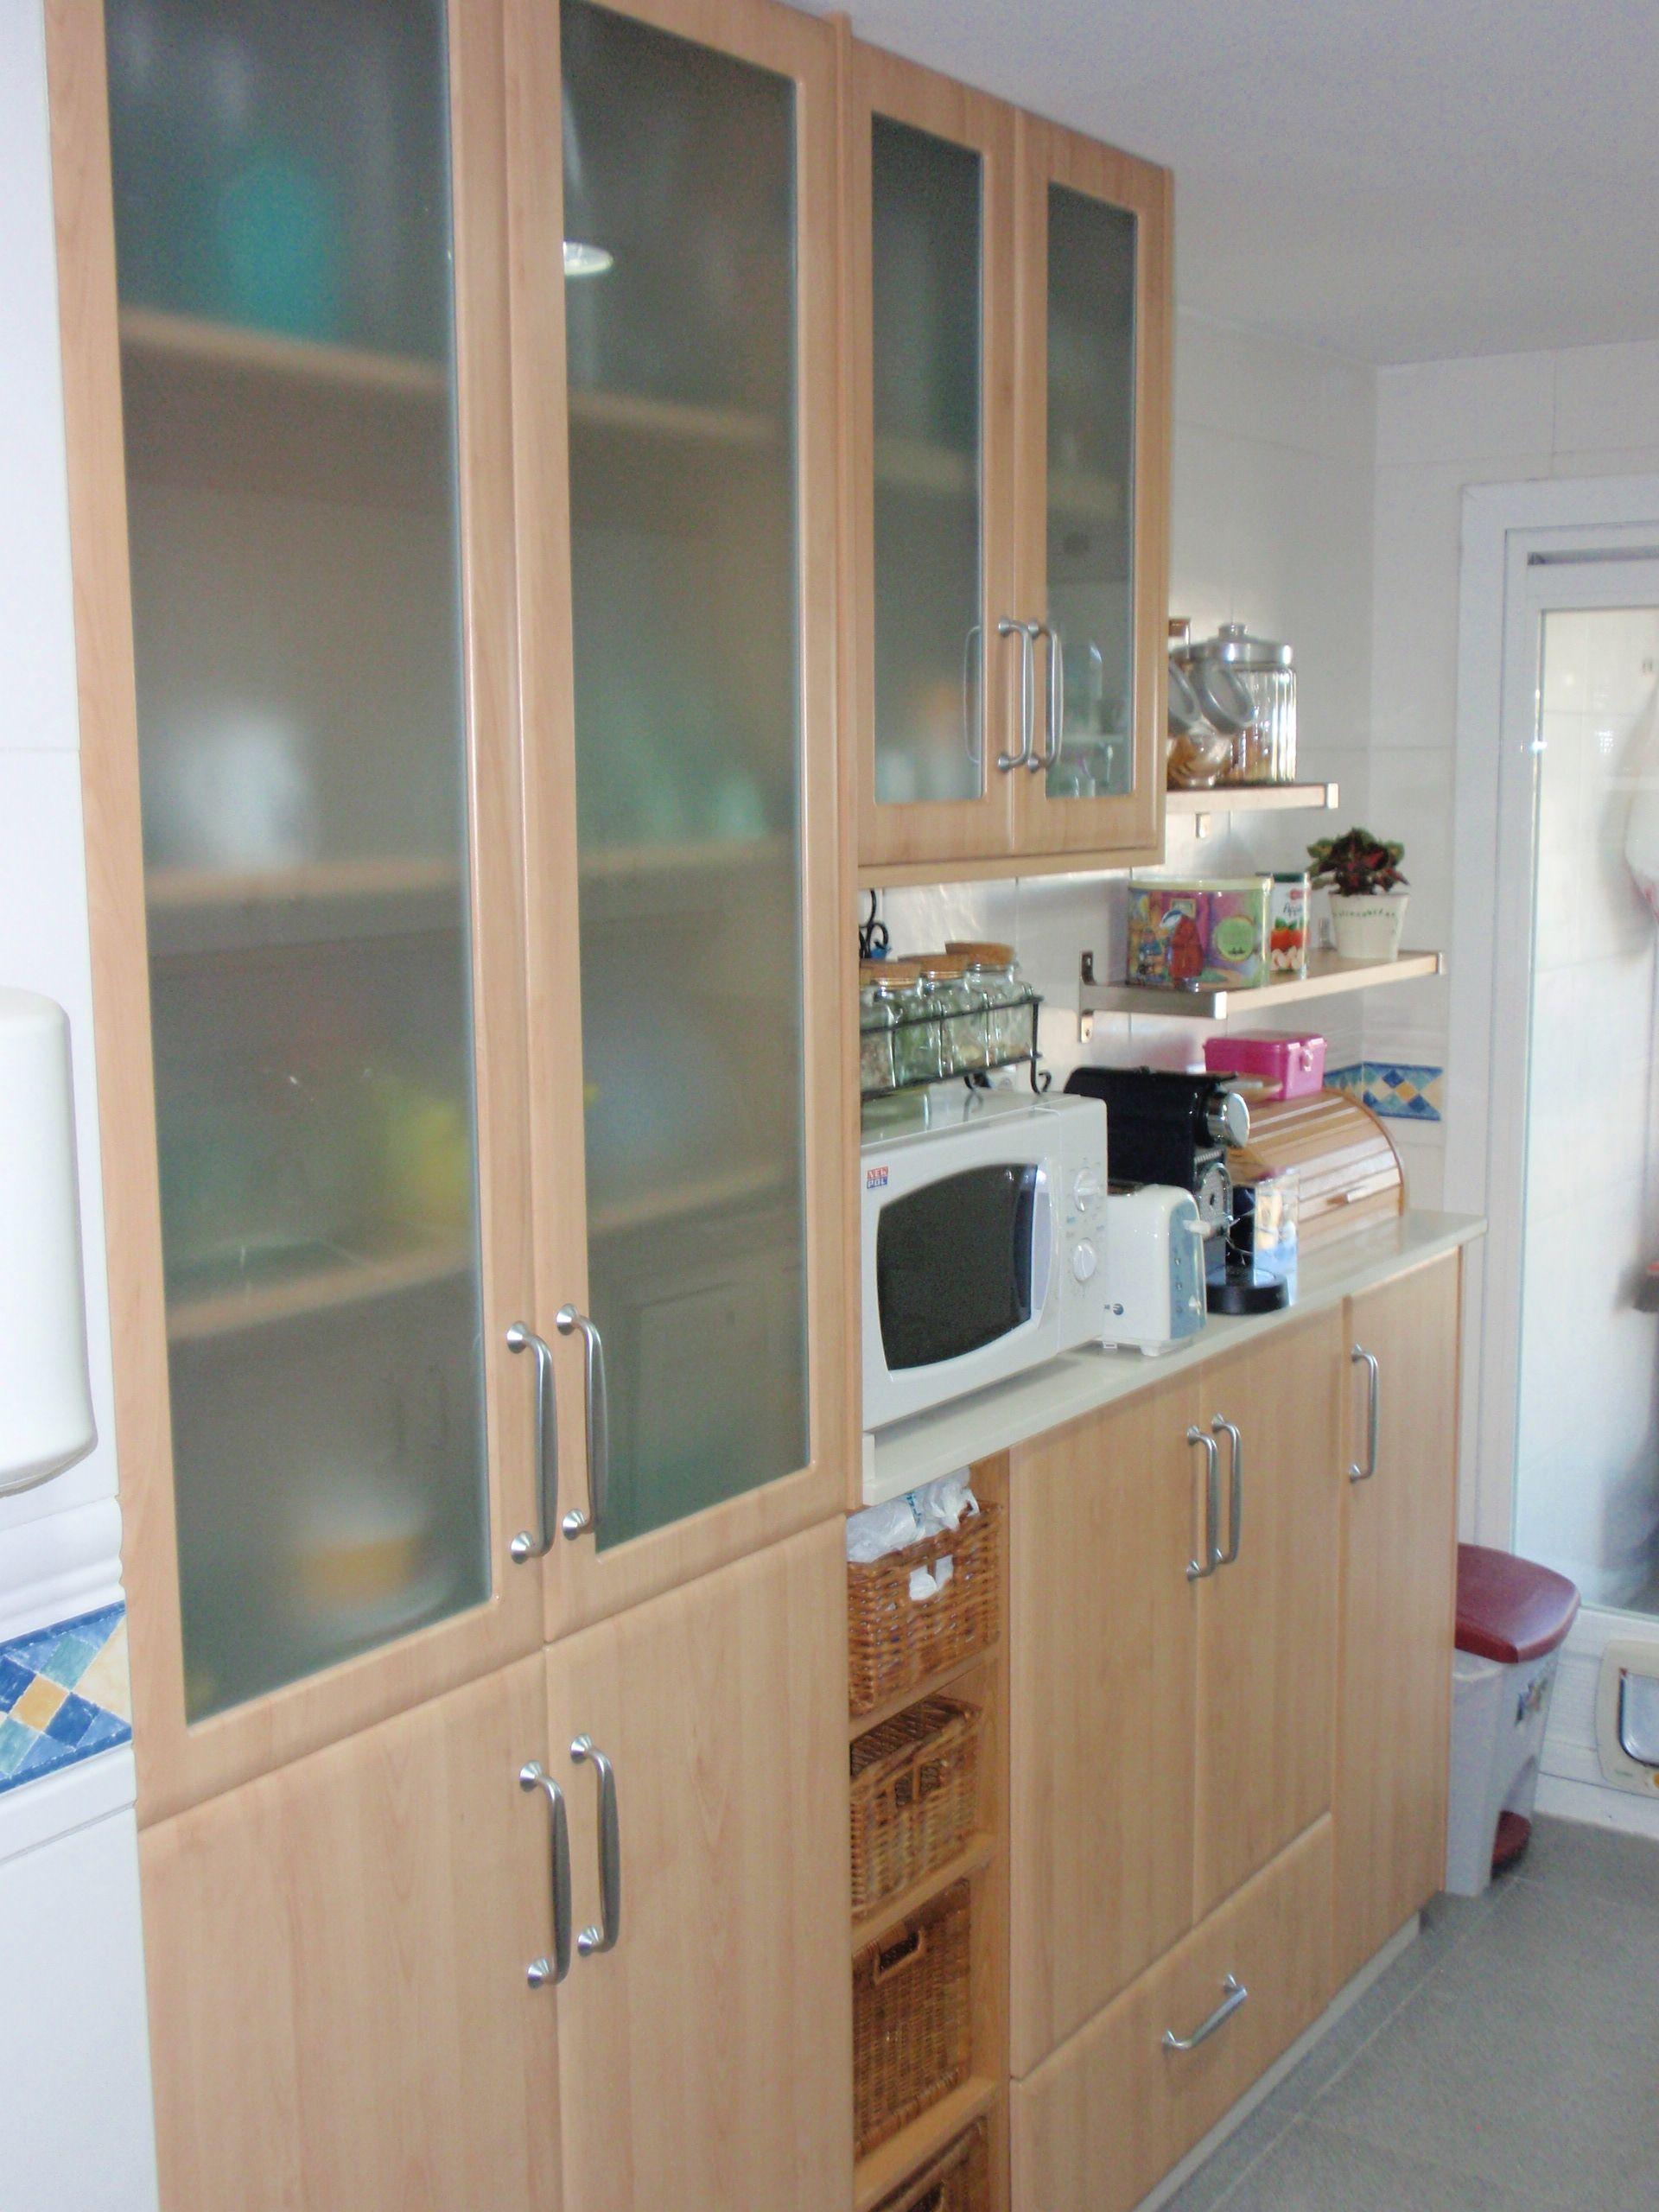 Vitrinas Para Cocina | Idea De Ampliacion Para Cocina Rectangular Mobiliario De Fondo